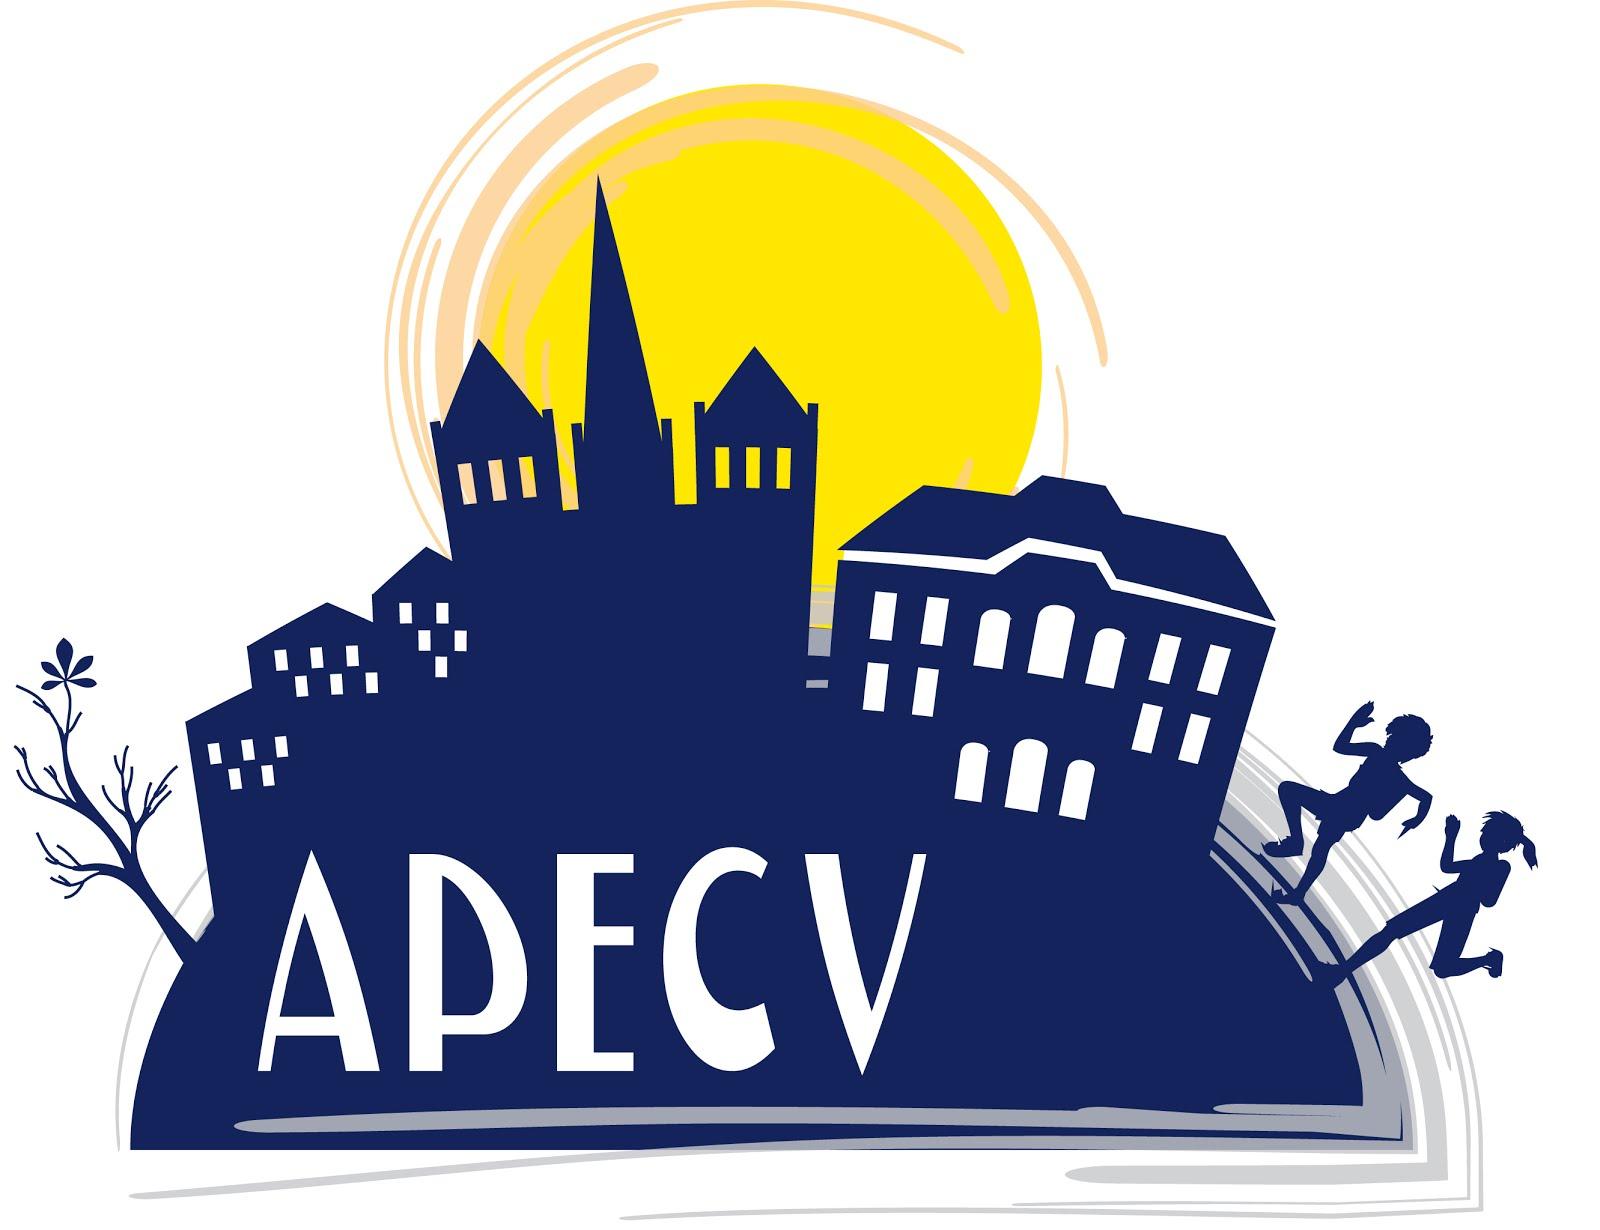 APECV